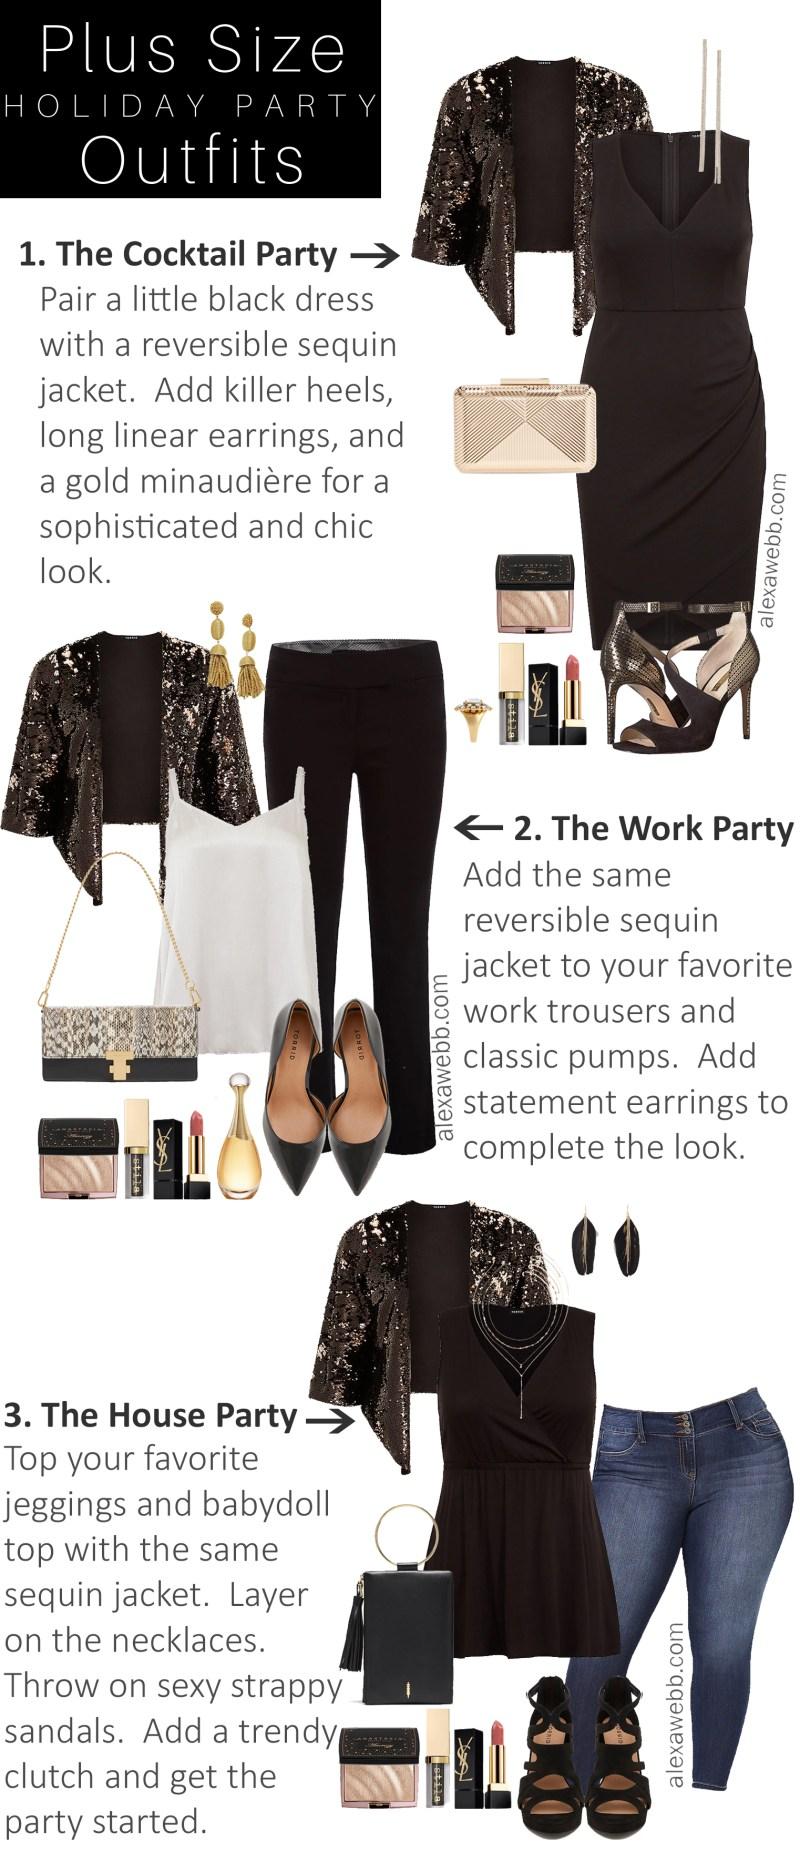 c8b3f9cbad86d Plus Size Holiday Party Outfits - Plus Size Sequin Jacket, Little Black  Dress - Plus